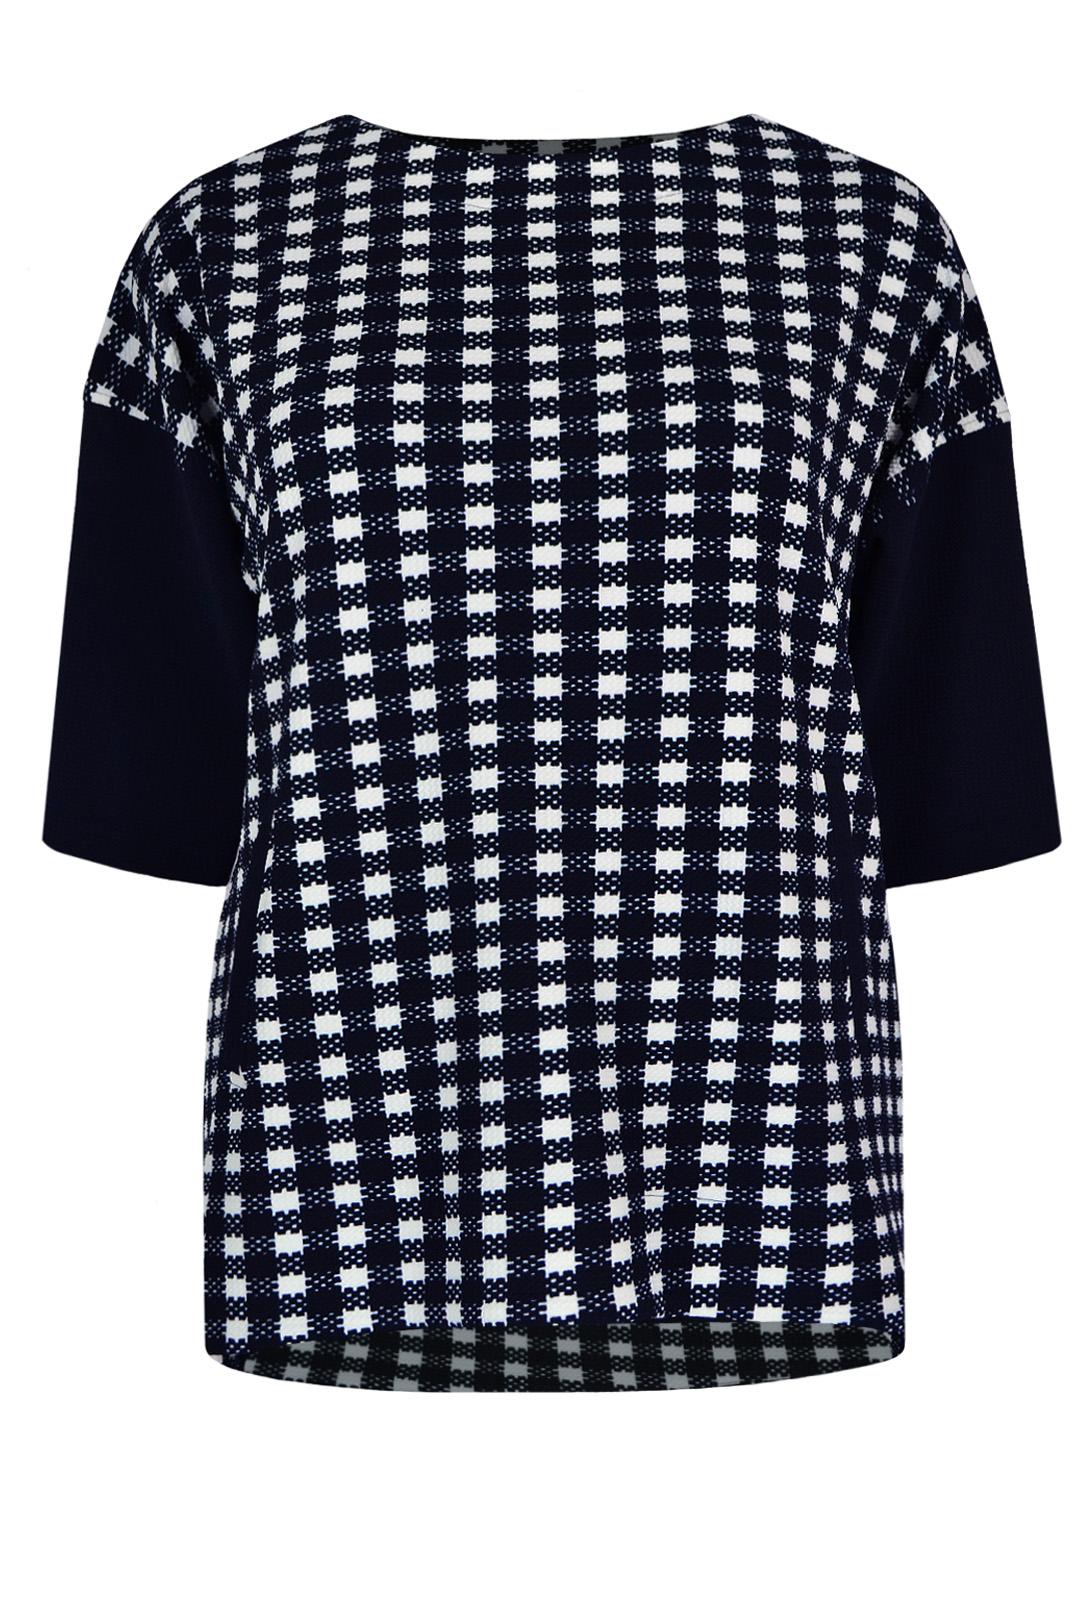 Блузки из трикотажа купить от производителя